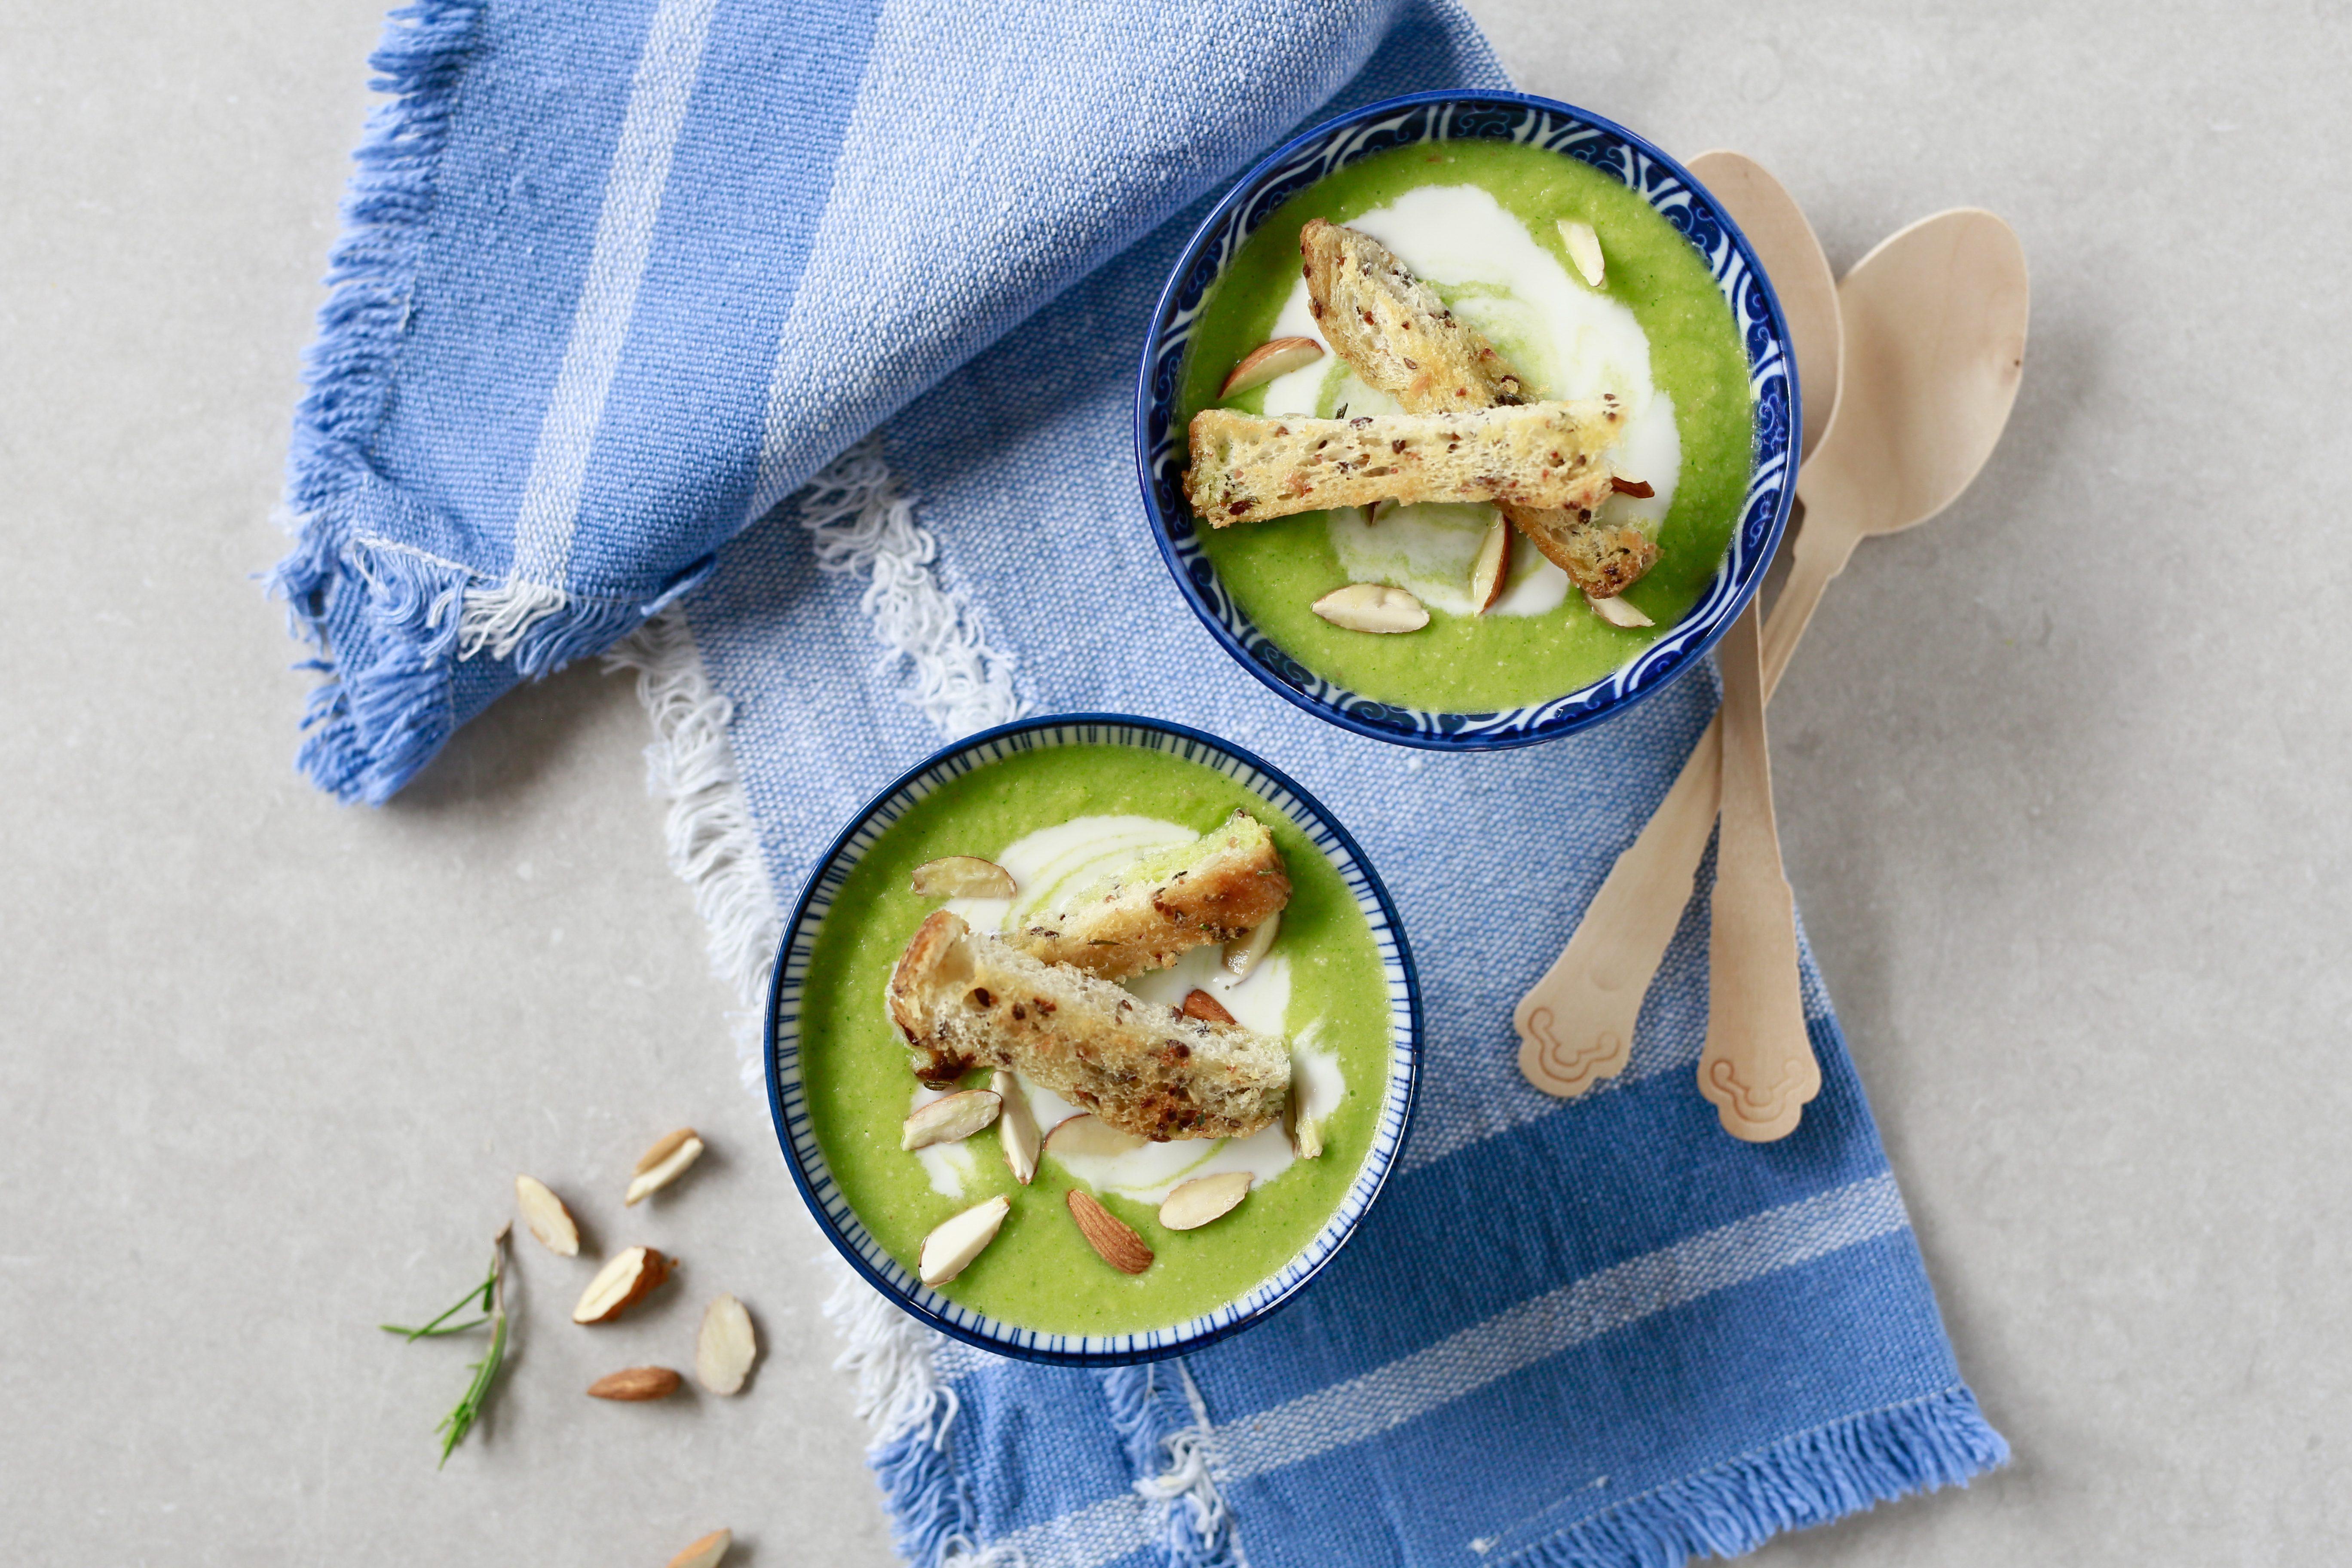 Crema fredda di zucchine e yogurt: la ricetta del piatto leggero e stuzzicante